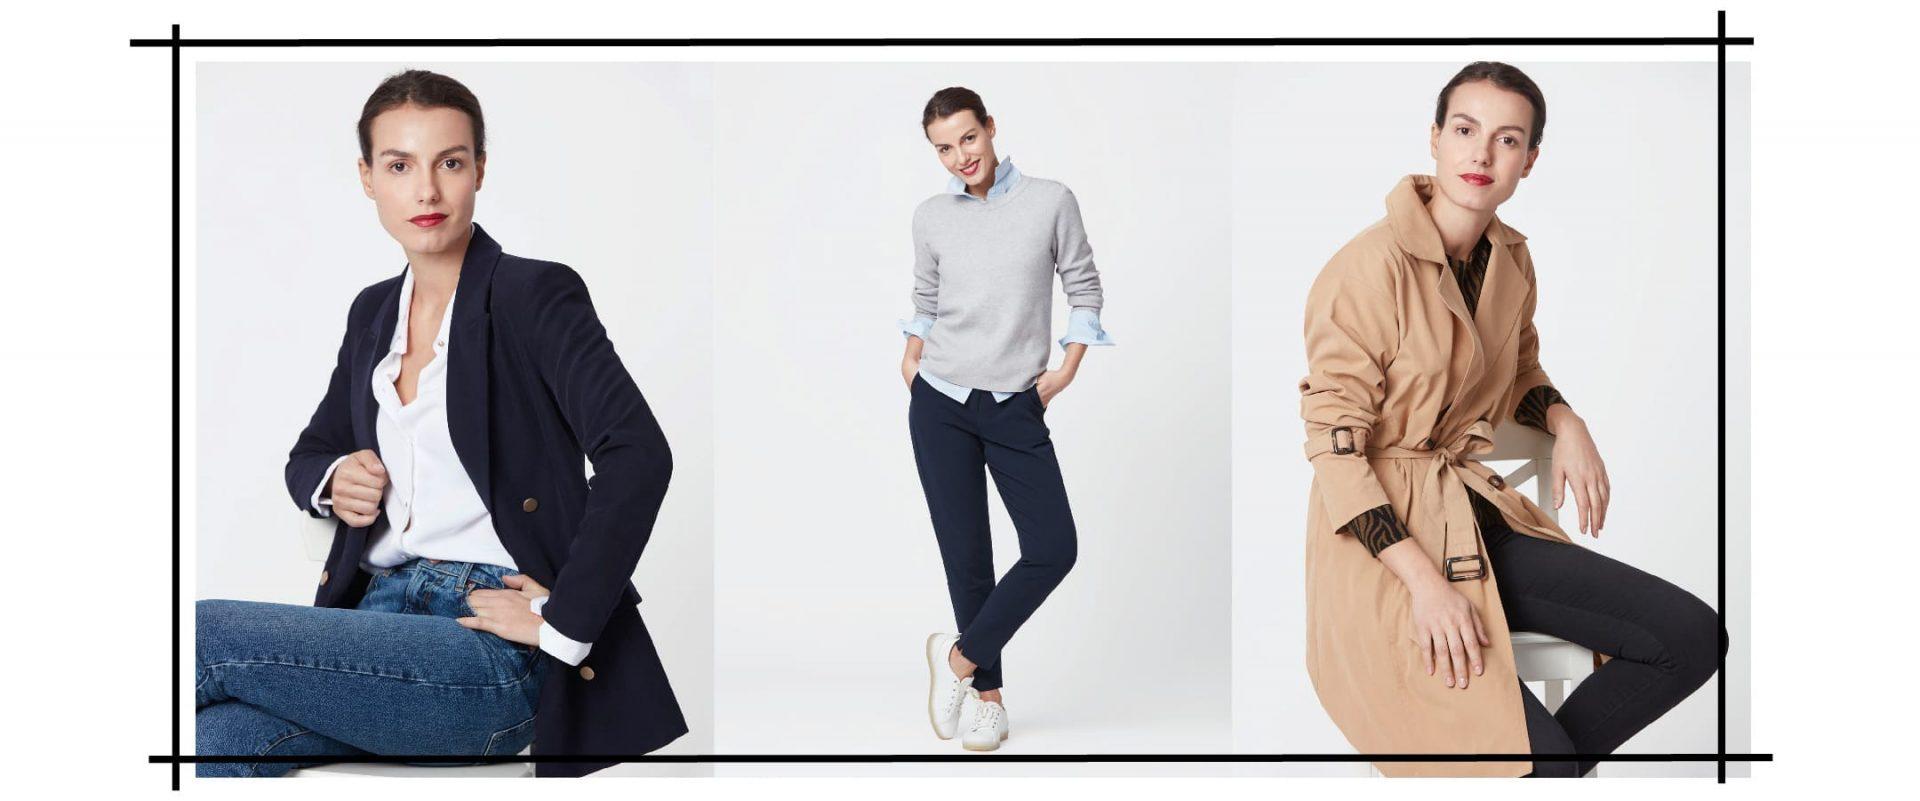 5 prendas clásicas en las que confiar para cualquier look